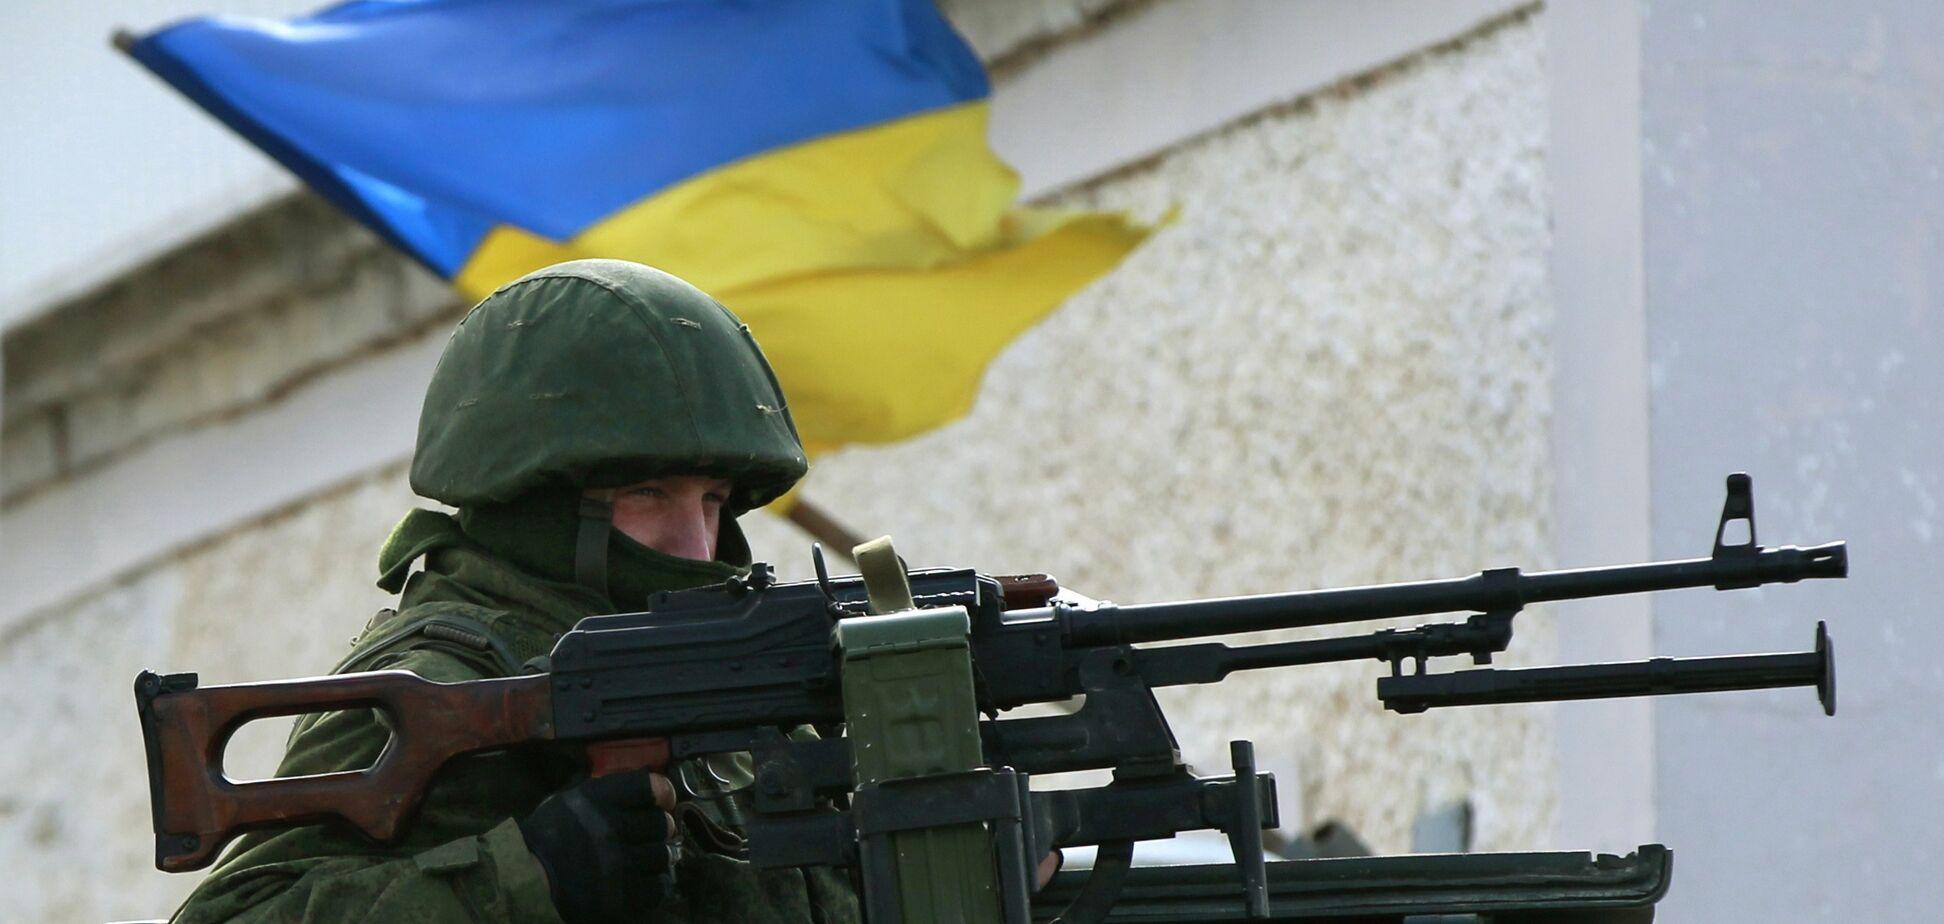 Генерал раскритиковал охрану украинских военных баз